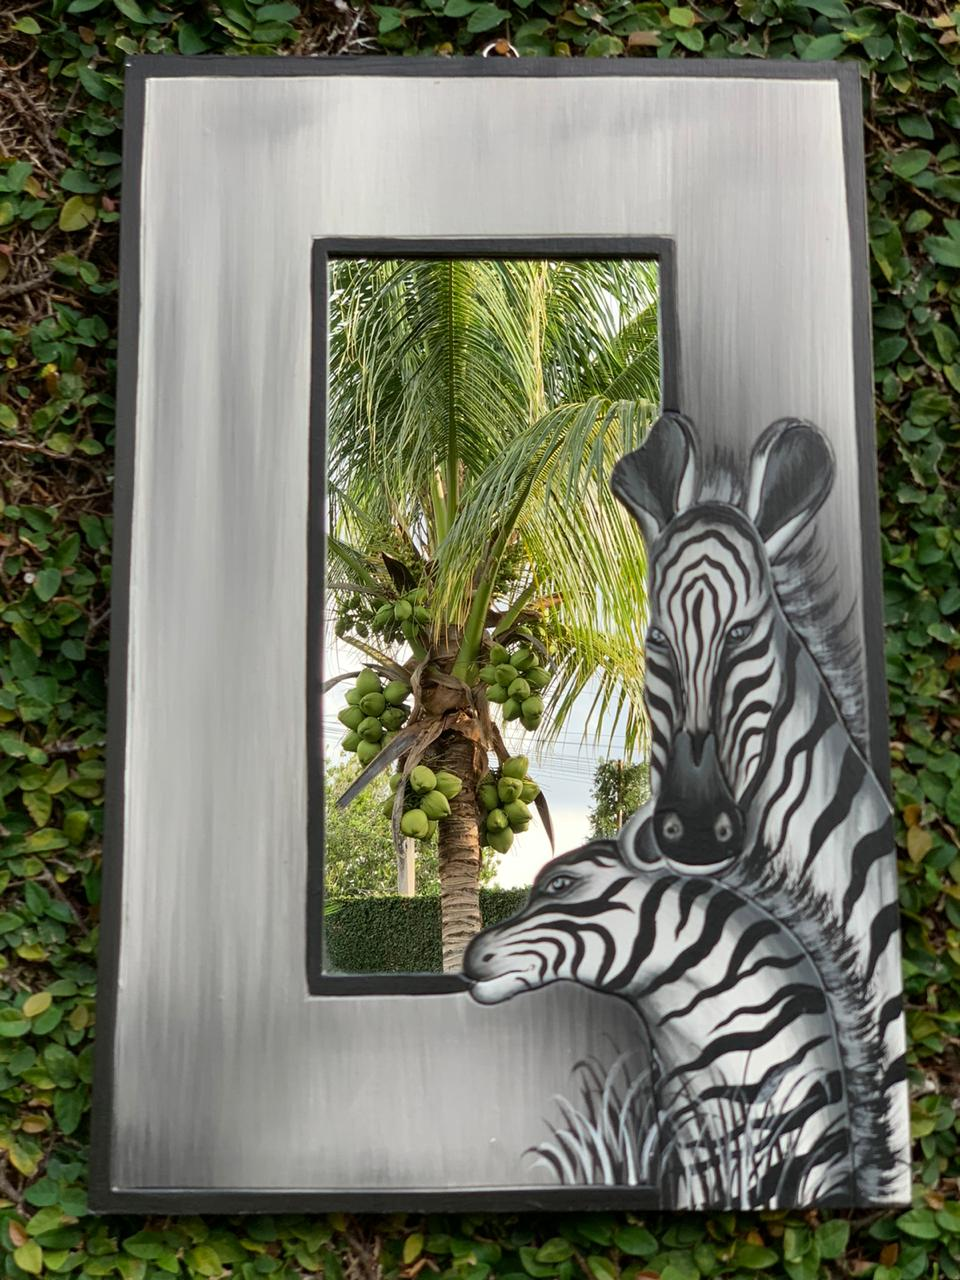 Espelho em MDF com bordas em Prateado e Pintura de Zebras ( 60x40cm )